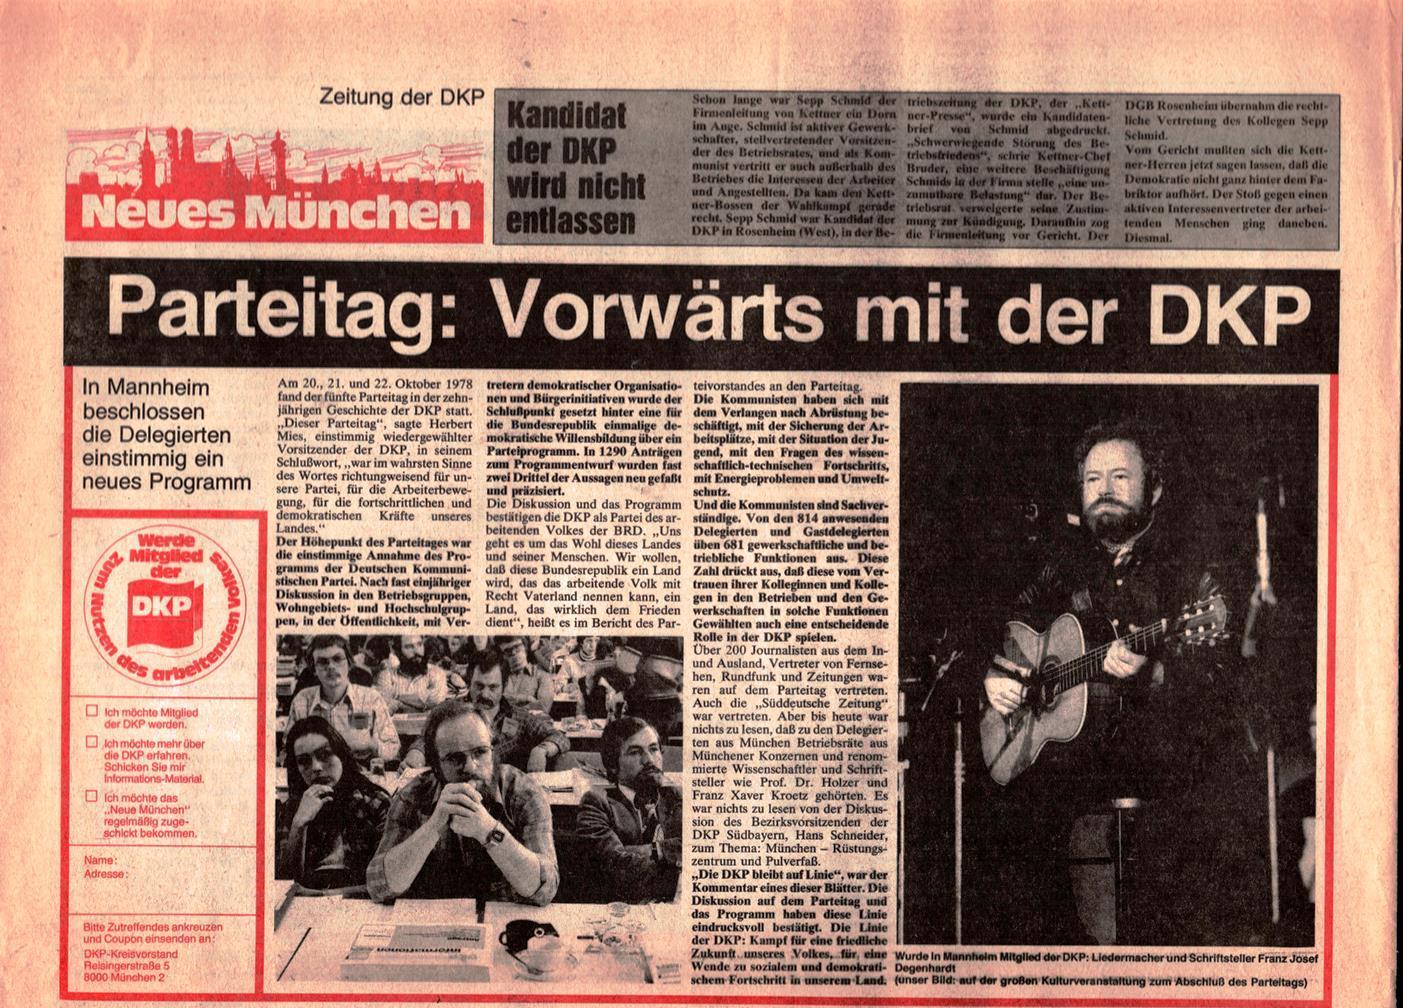 Muenchen_DKP_Neues_Muenchen_19781100_011_007